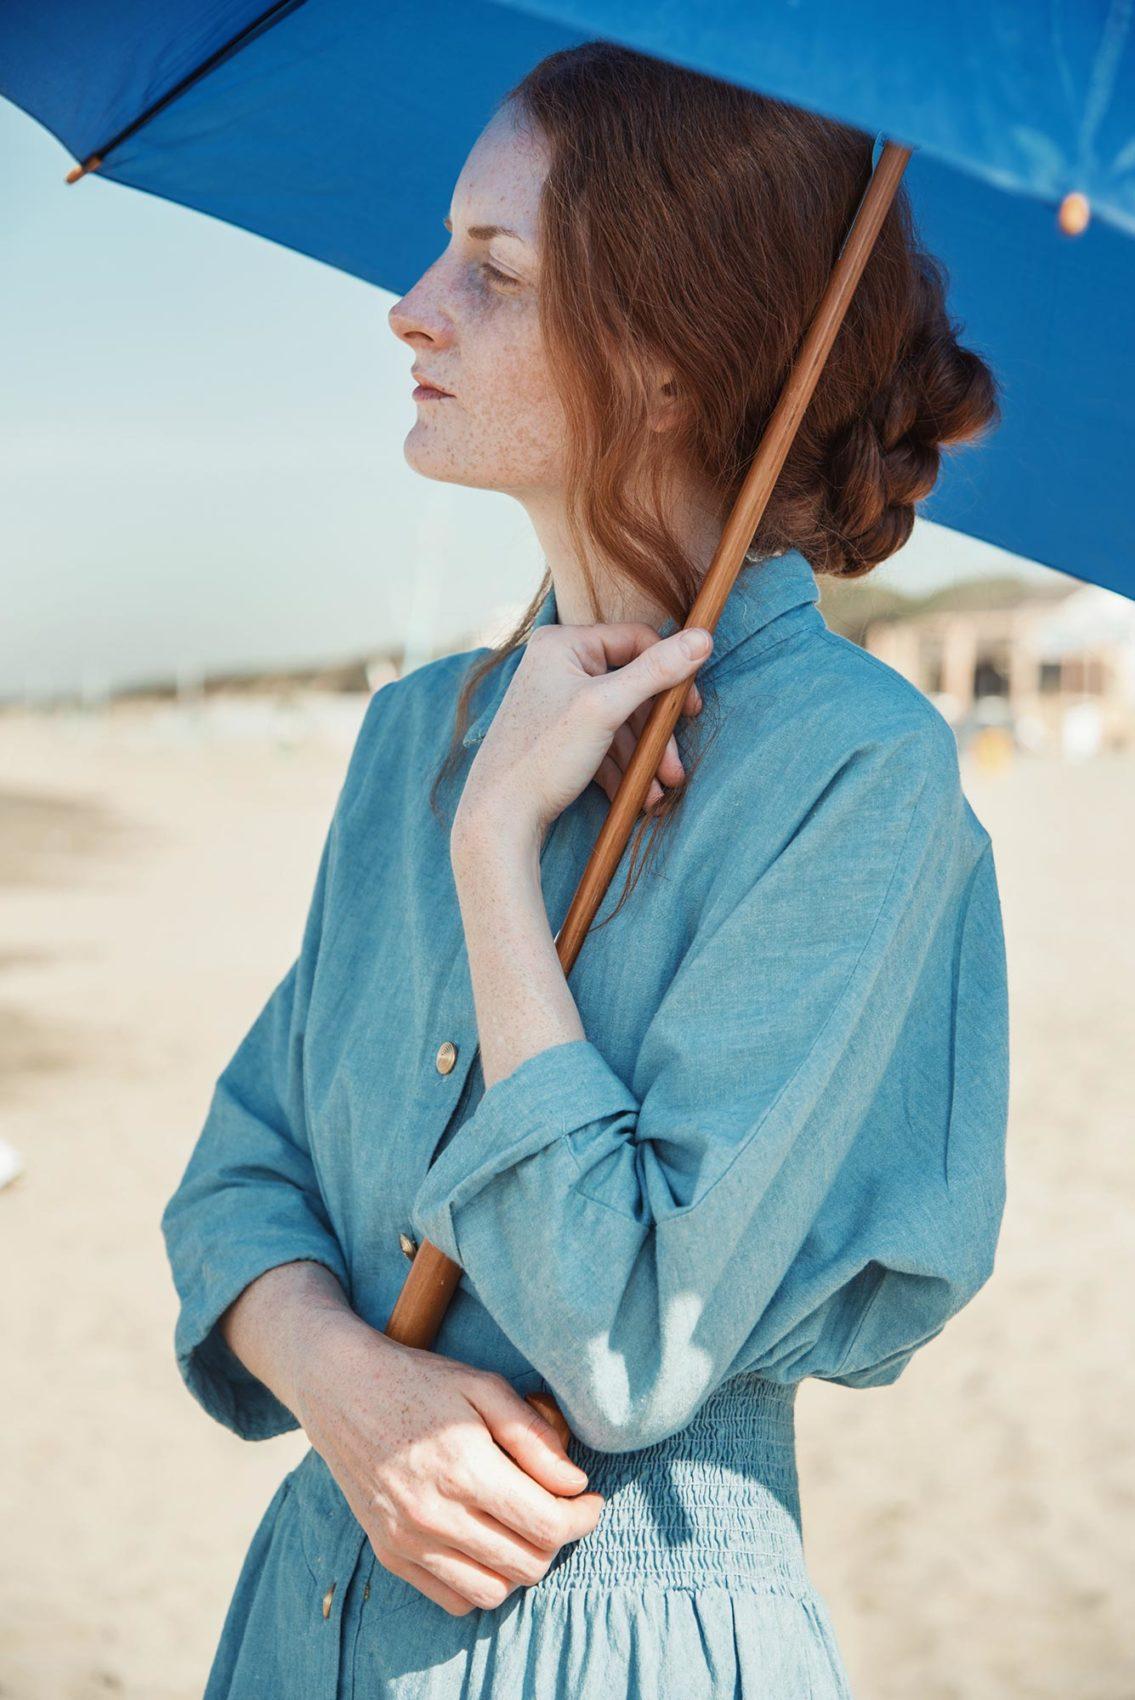 """Giulia Beltrame con l'ombrello in spiaggia nel video """"Falling Upwards"""" guarda verso il mare"""